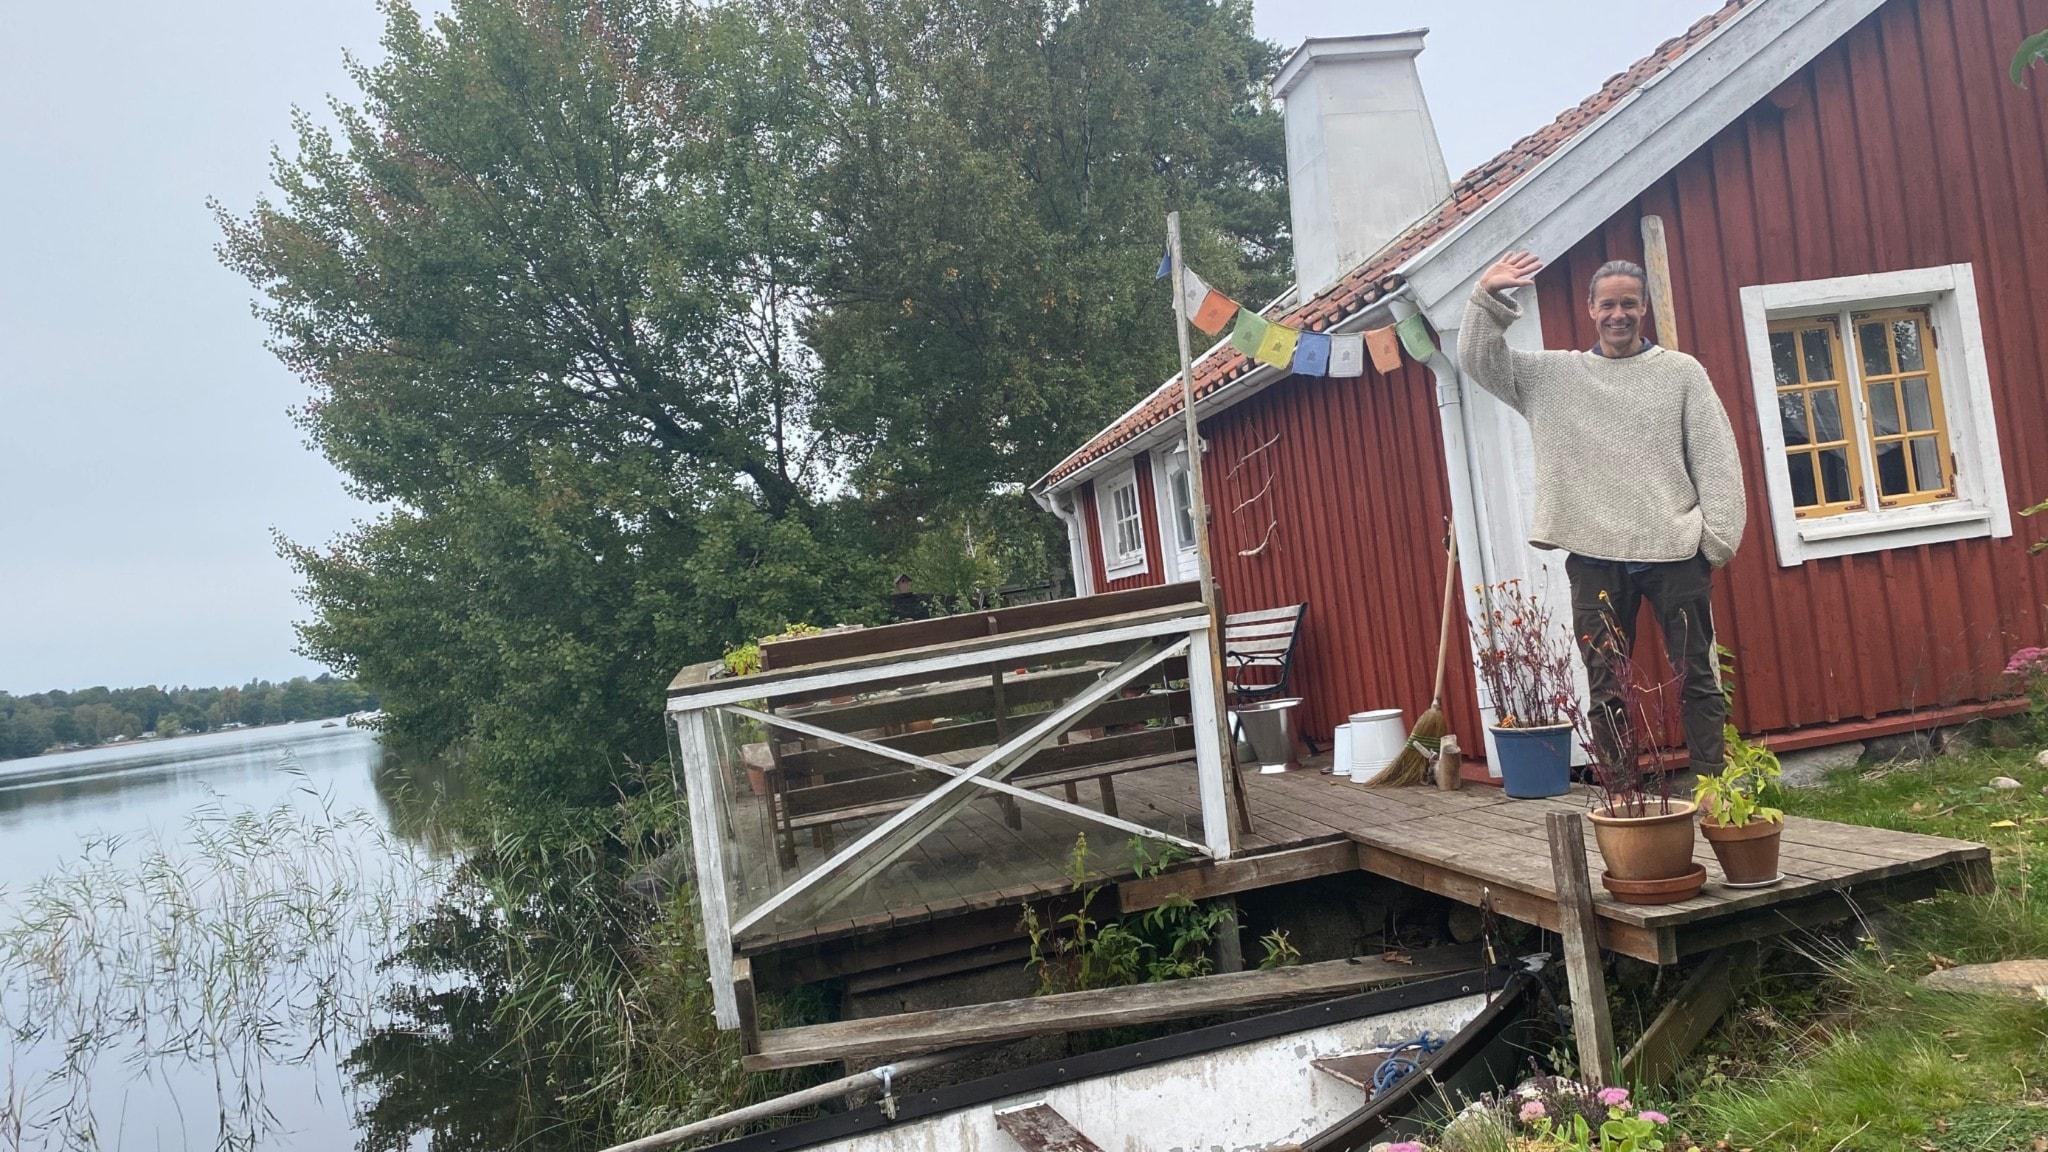 Pa Sandberg bor halvtid på en ö i Helgasjön. Här står han vinkandes på en brygga med sitt röda torp i bakgrunden. Bredvid honom är en liten båt i sjön.